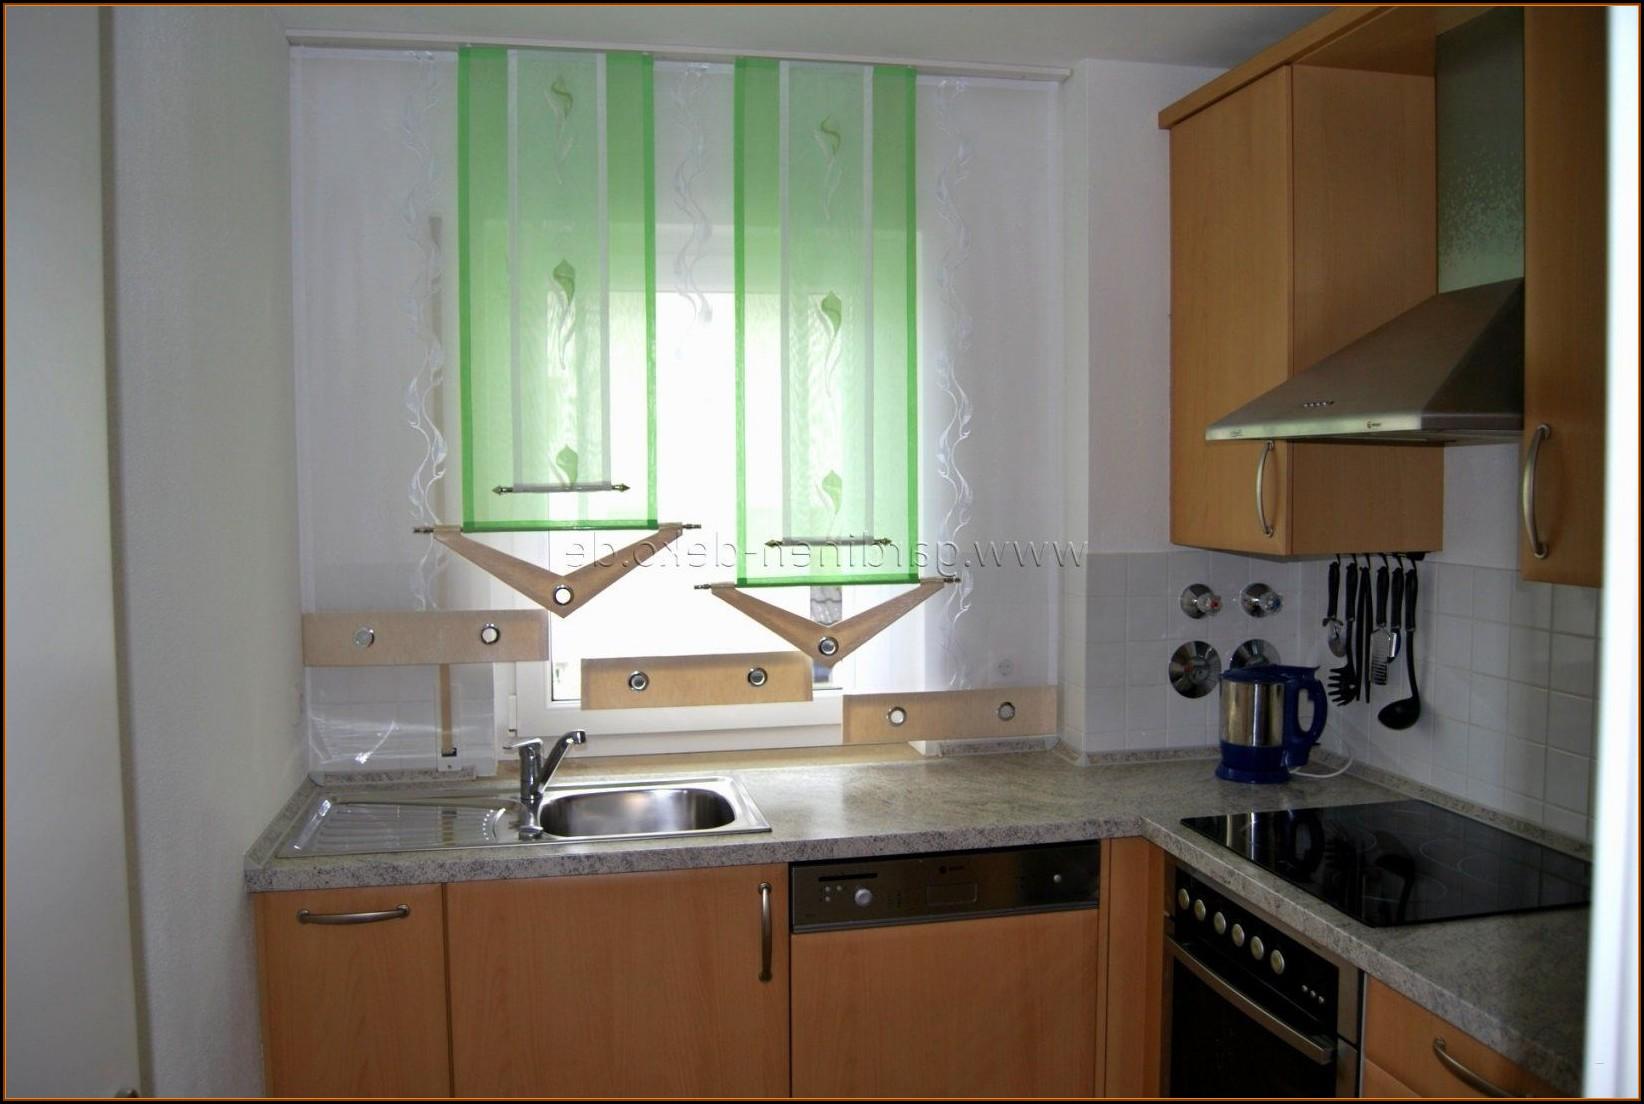 Küche Gardinen Deko Ideen